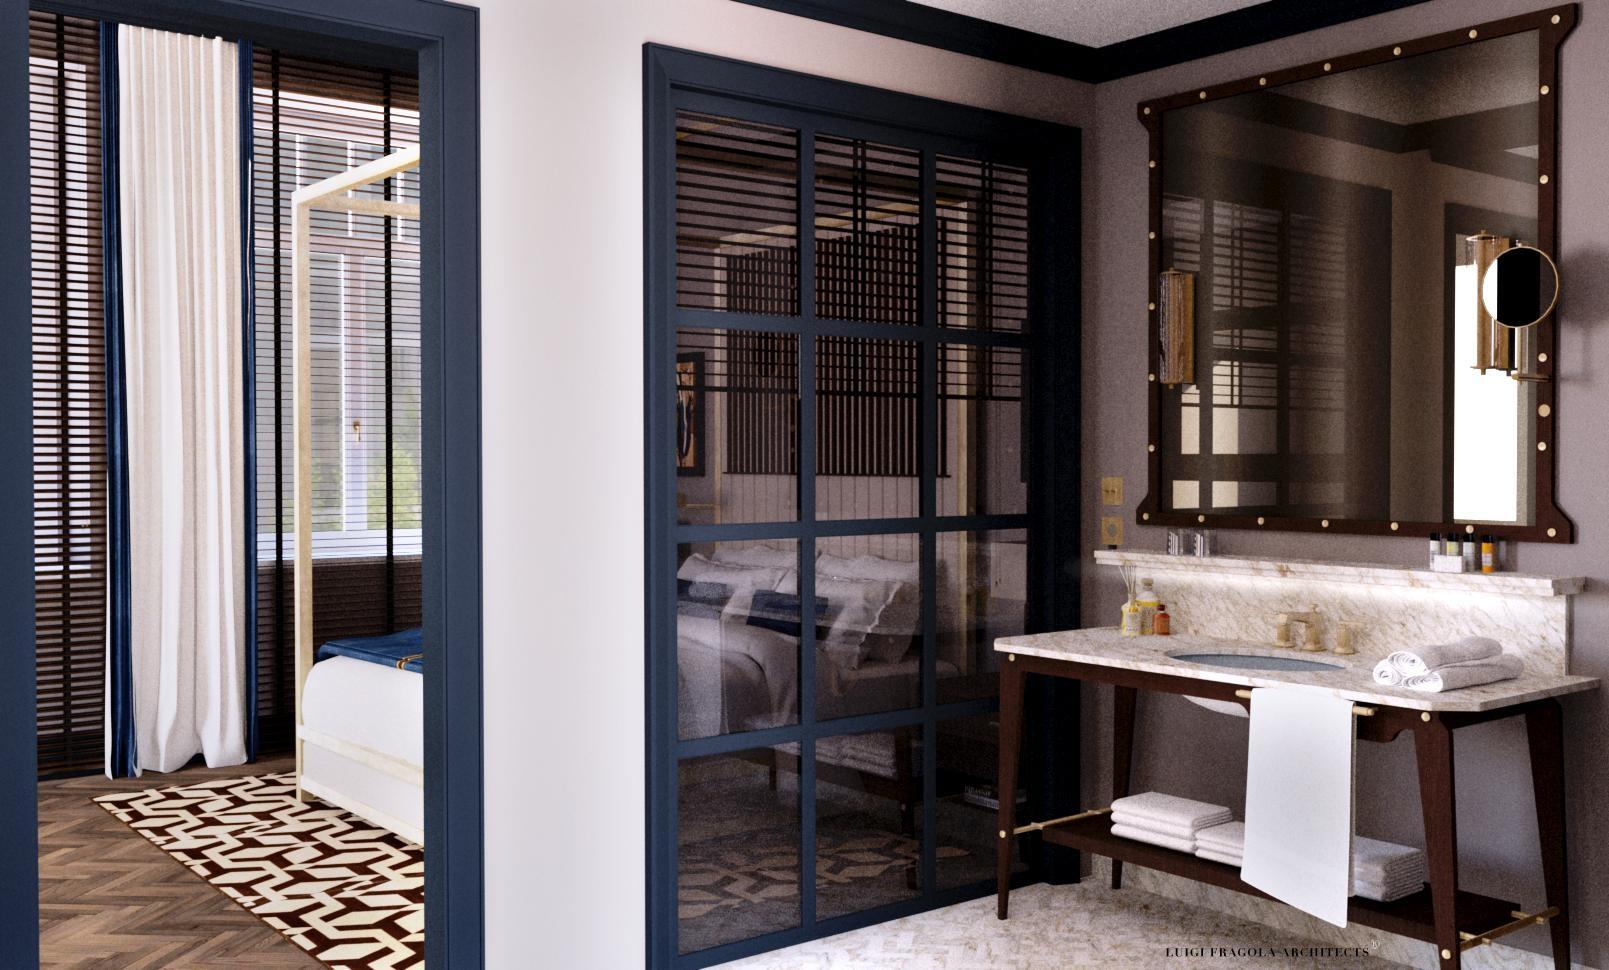 reise gewinnen couch. Black Bedroom Furniture Sets. Home Design Ideas